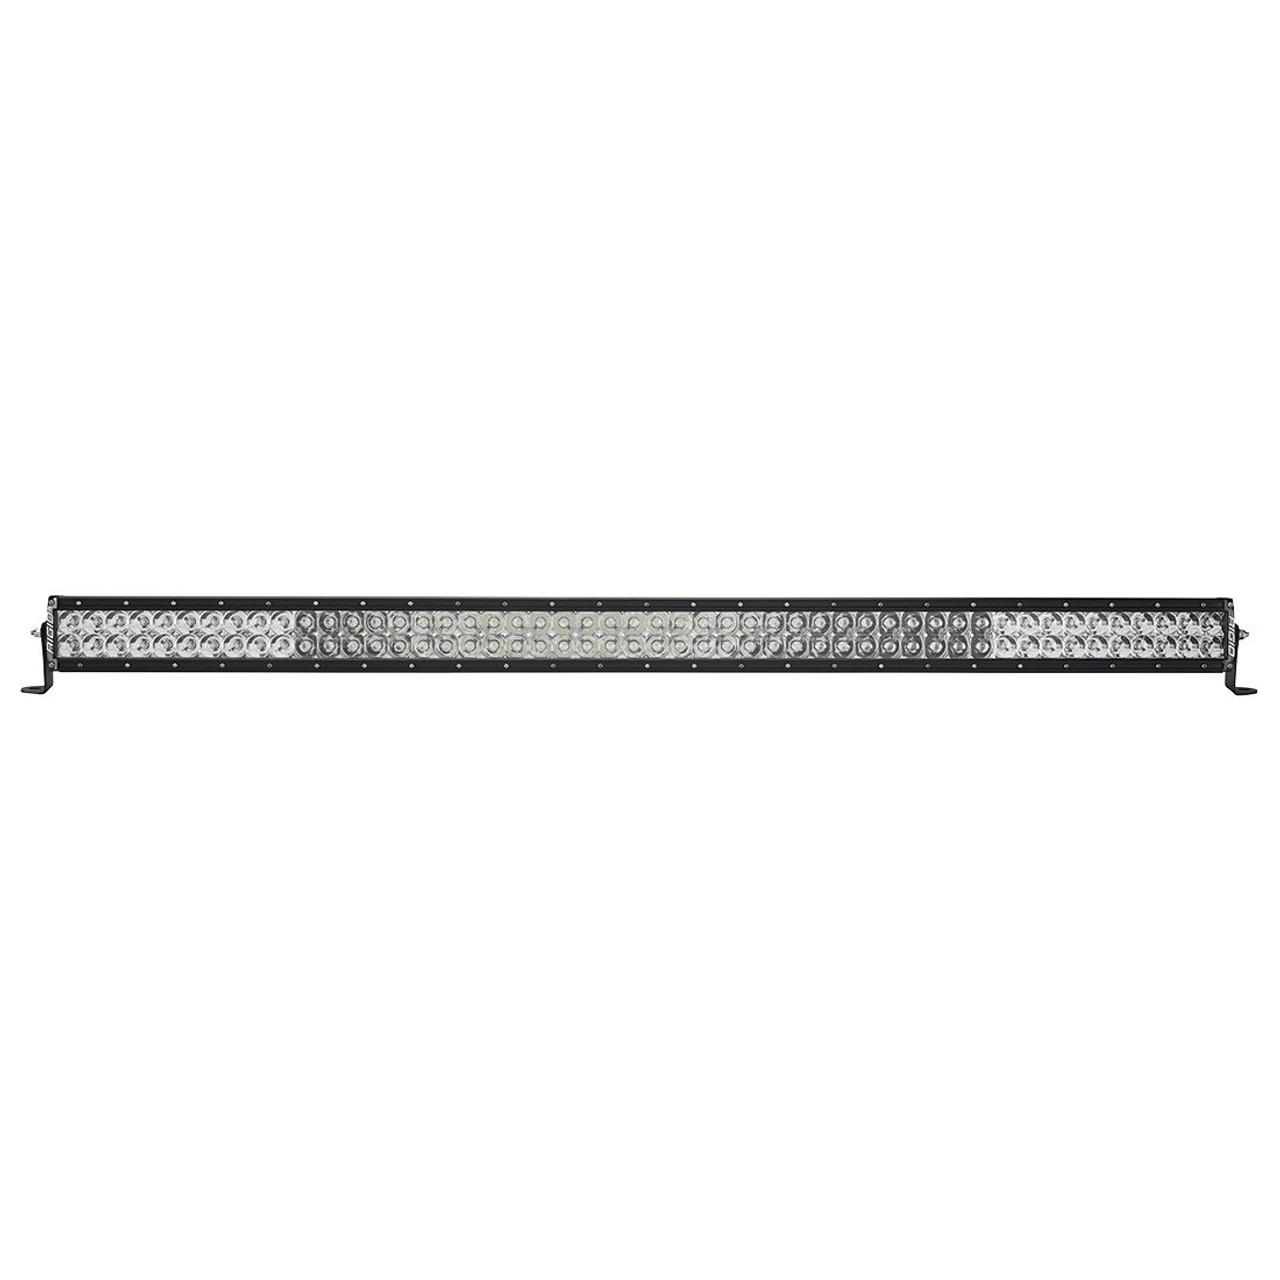 """Rigid E-Series Pro 50"""" Spot/Flood Combo LED Light Bar - 150313"""